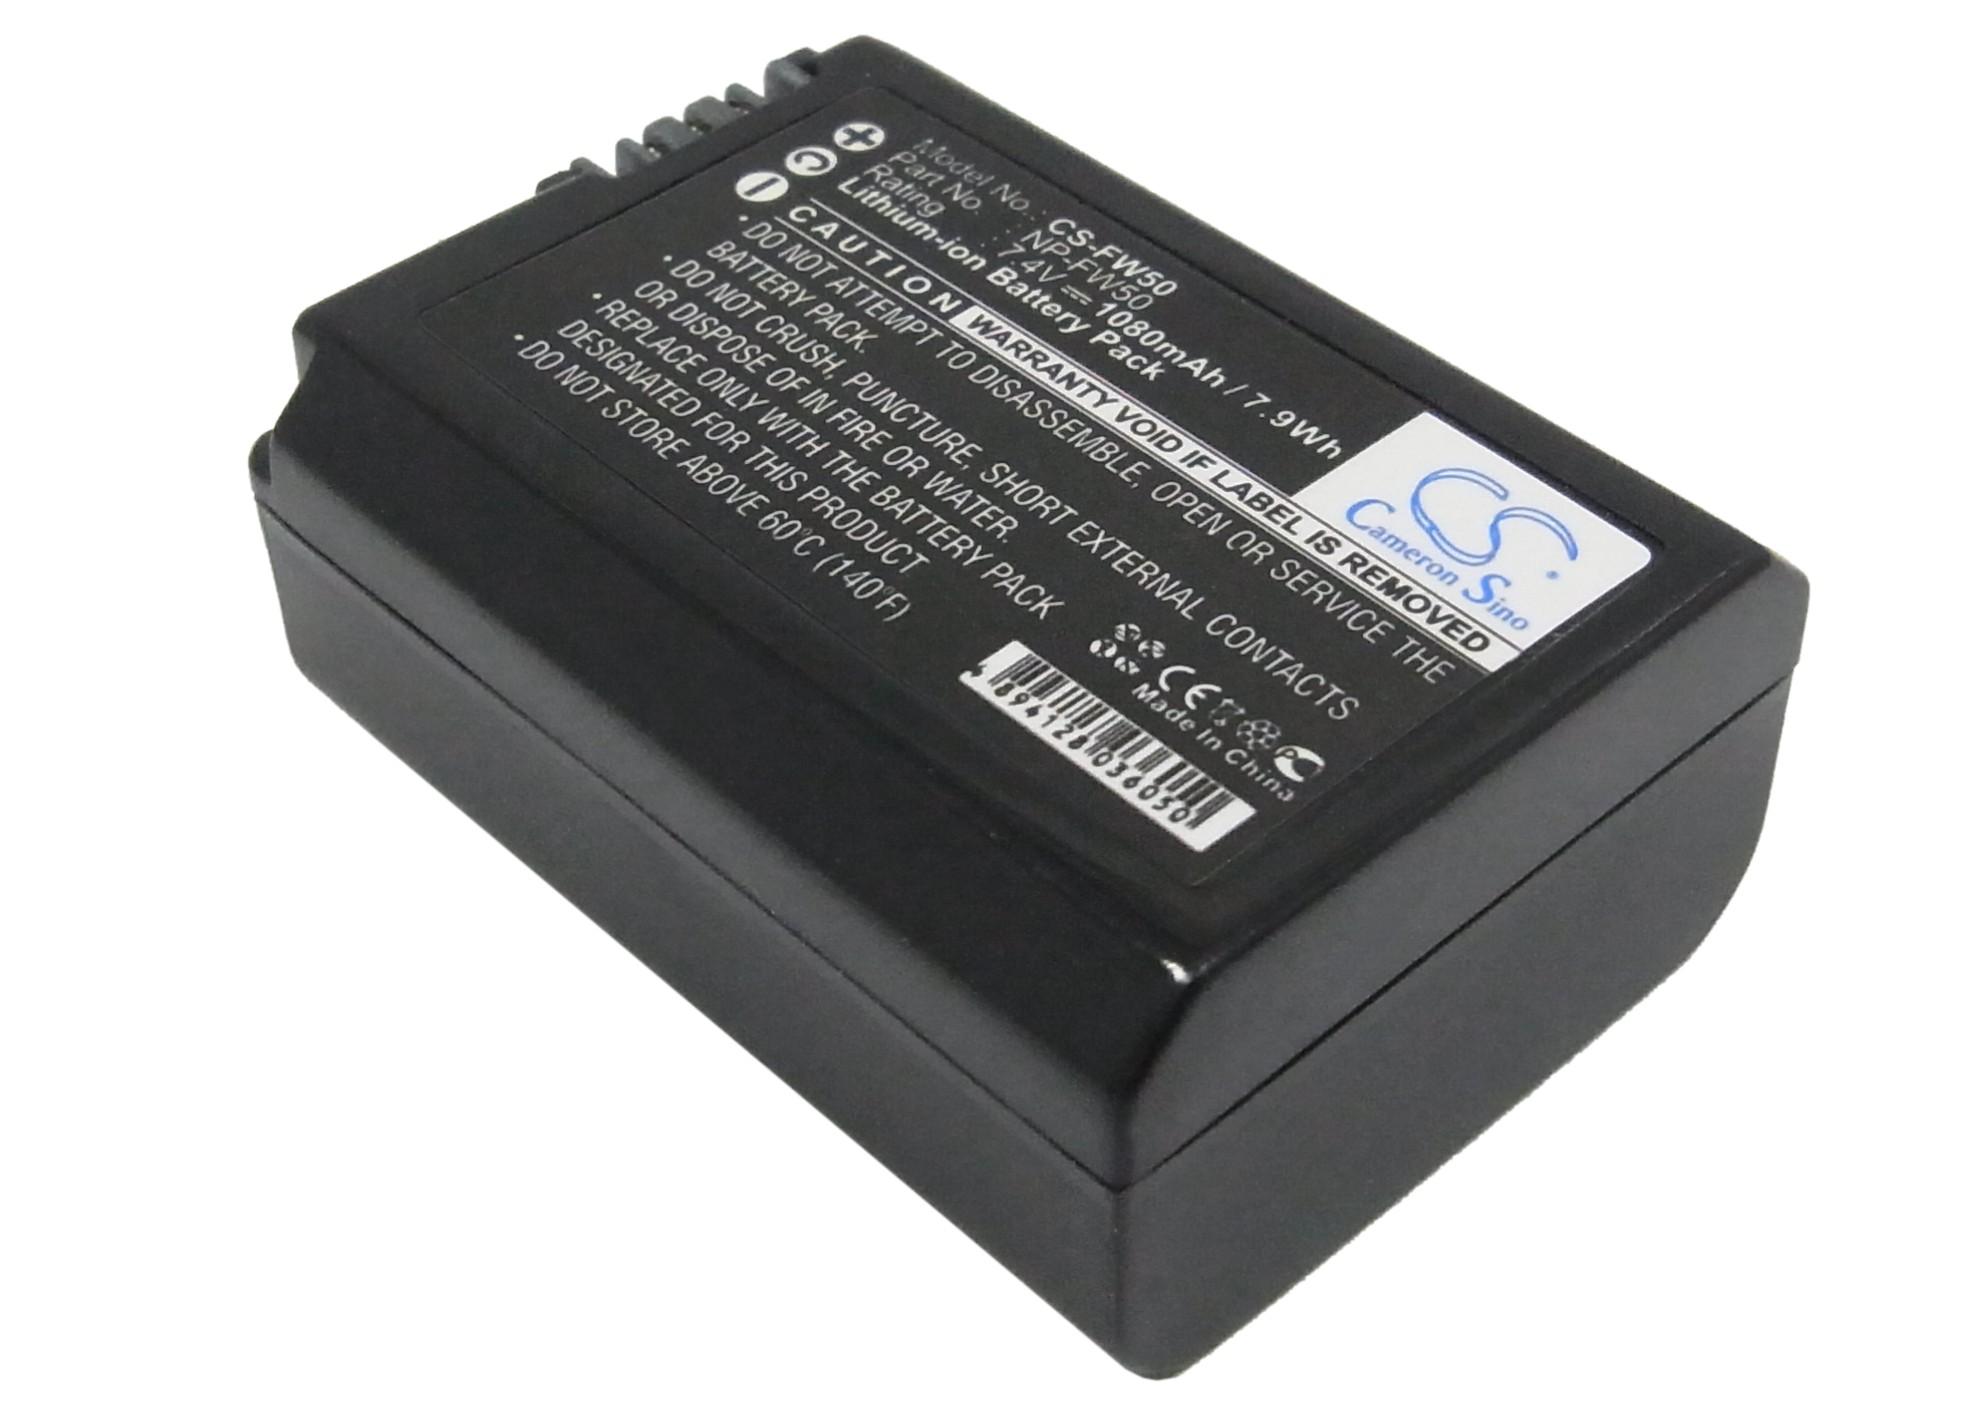 Cameron Sino baterie do kamer a fotoaparátů pro SONY Alpha 33 7.4V Li-ion 1080mAh černá - neoriginální